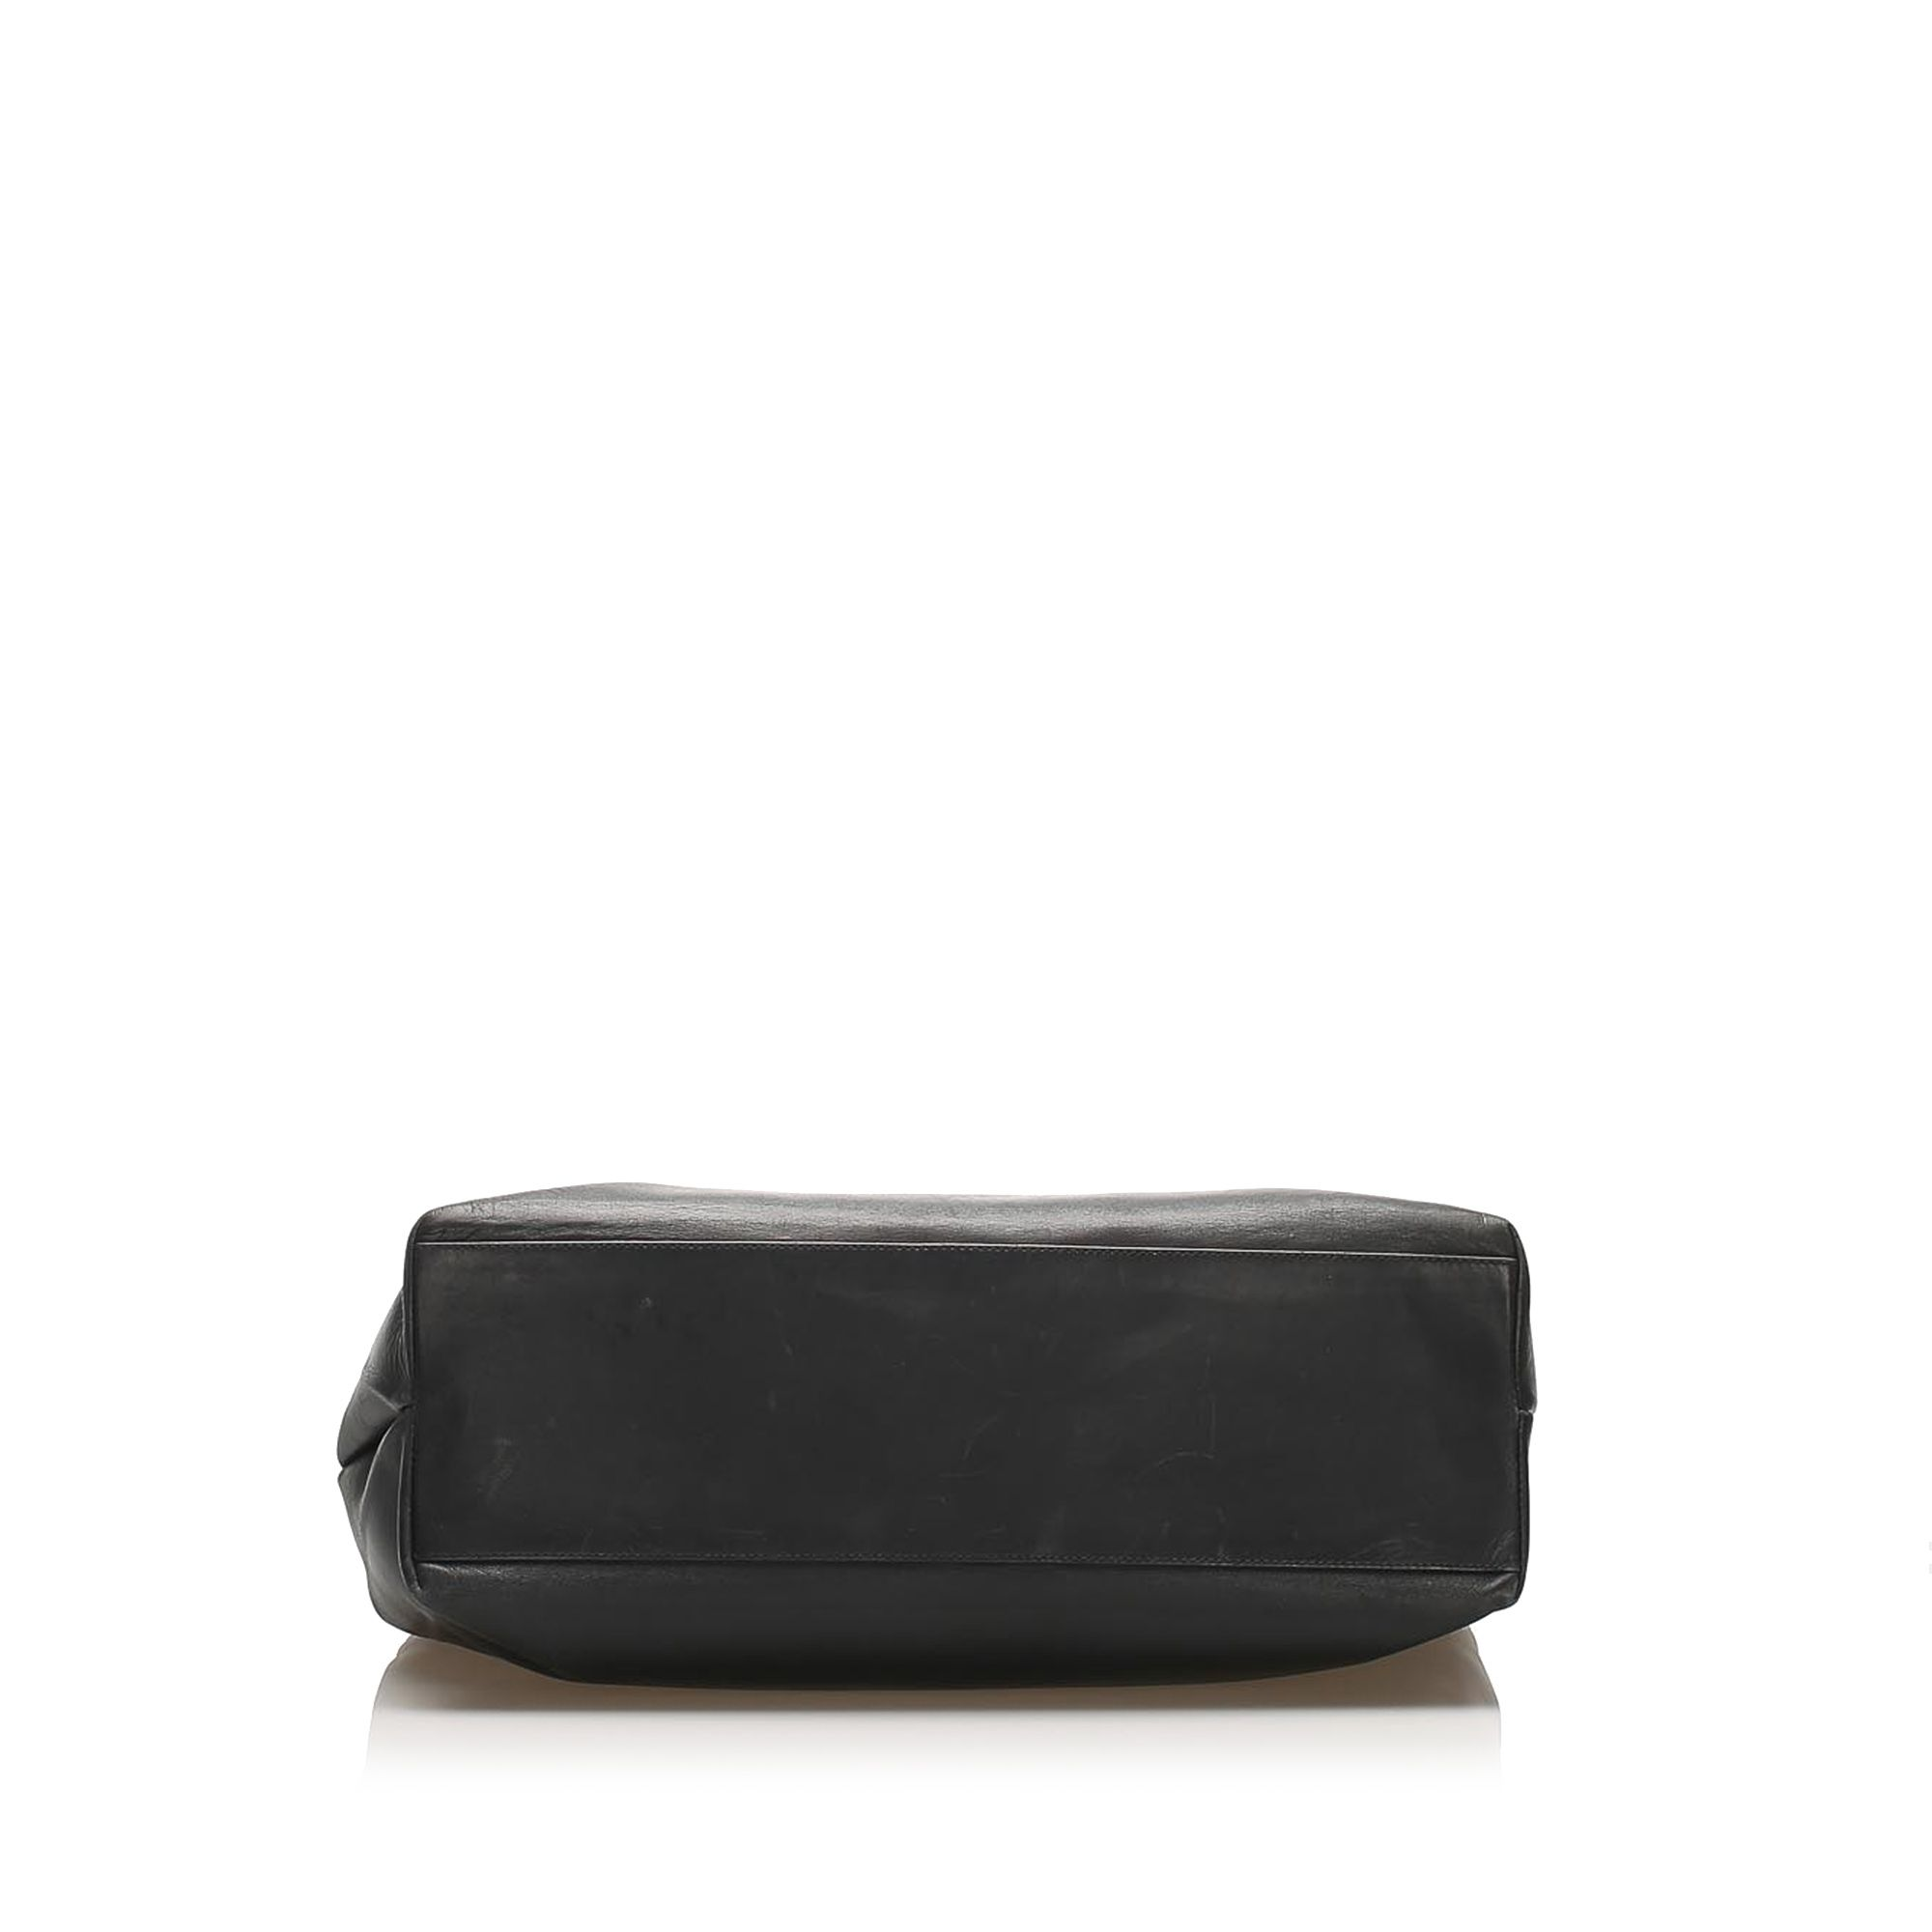 Vintage Ferragamo Gancini Leather Shoulder Bag Black